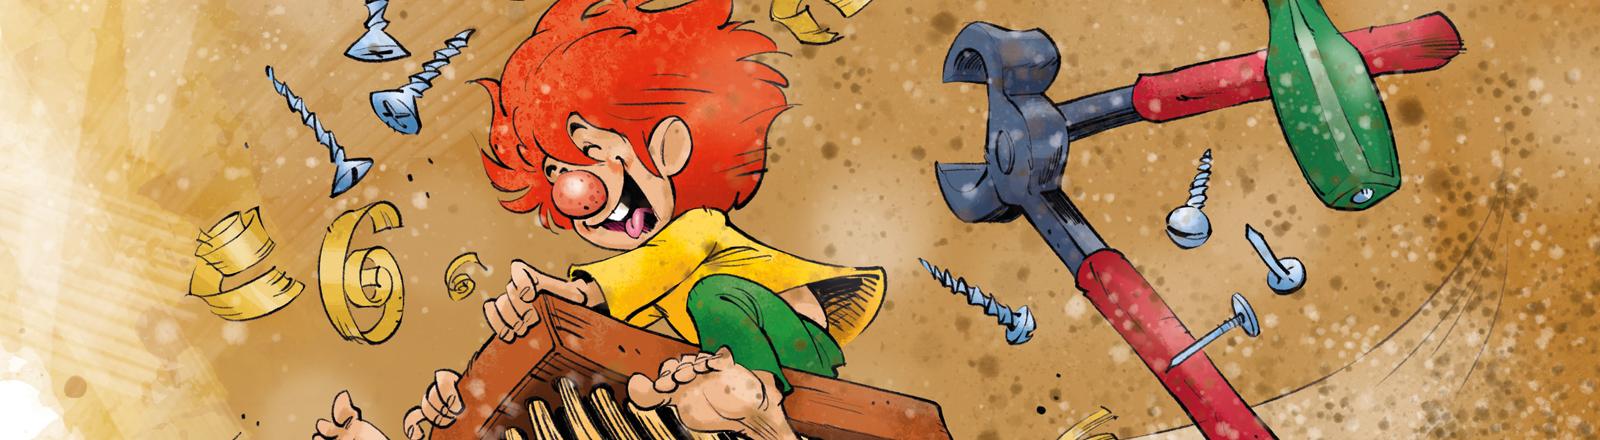 Die Illustration des Illustrators Jan Saße zeigt die Zeichentrickfigur Pumuckl.